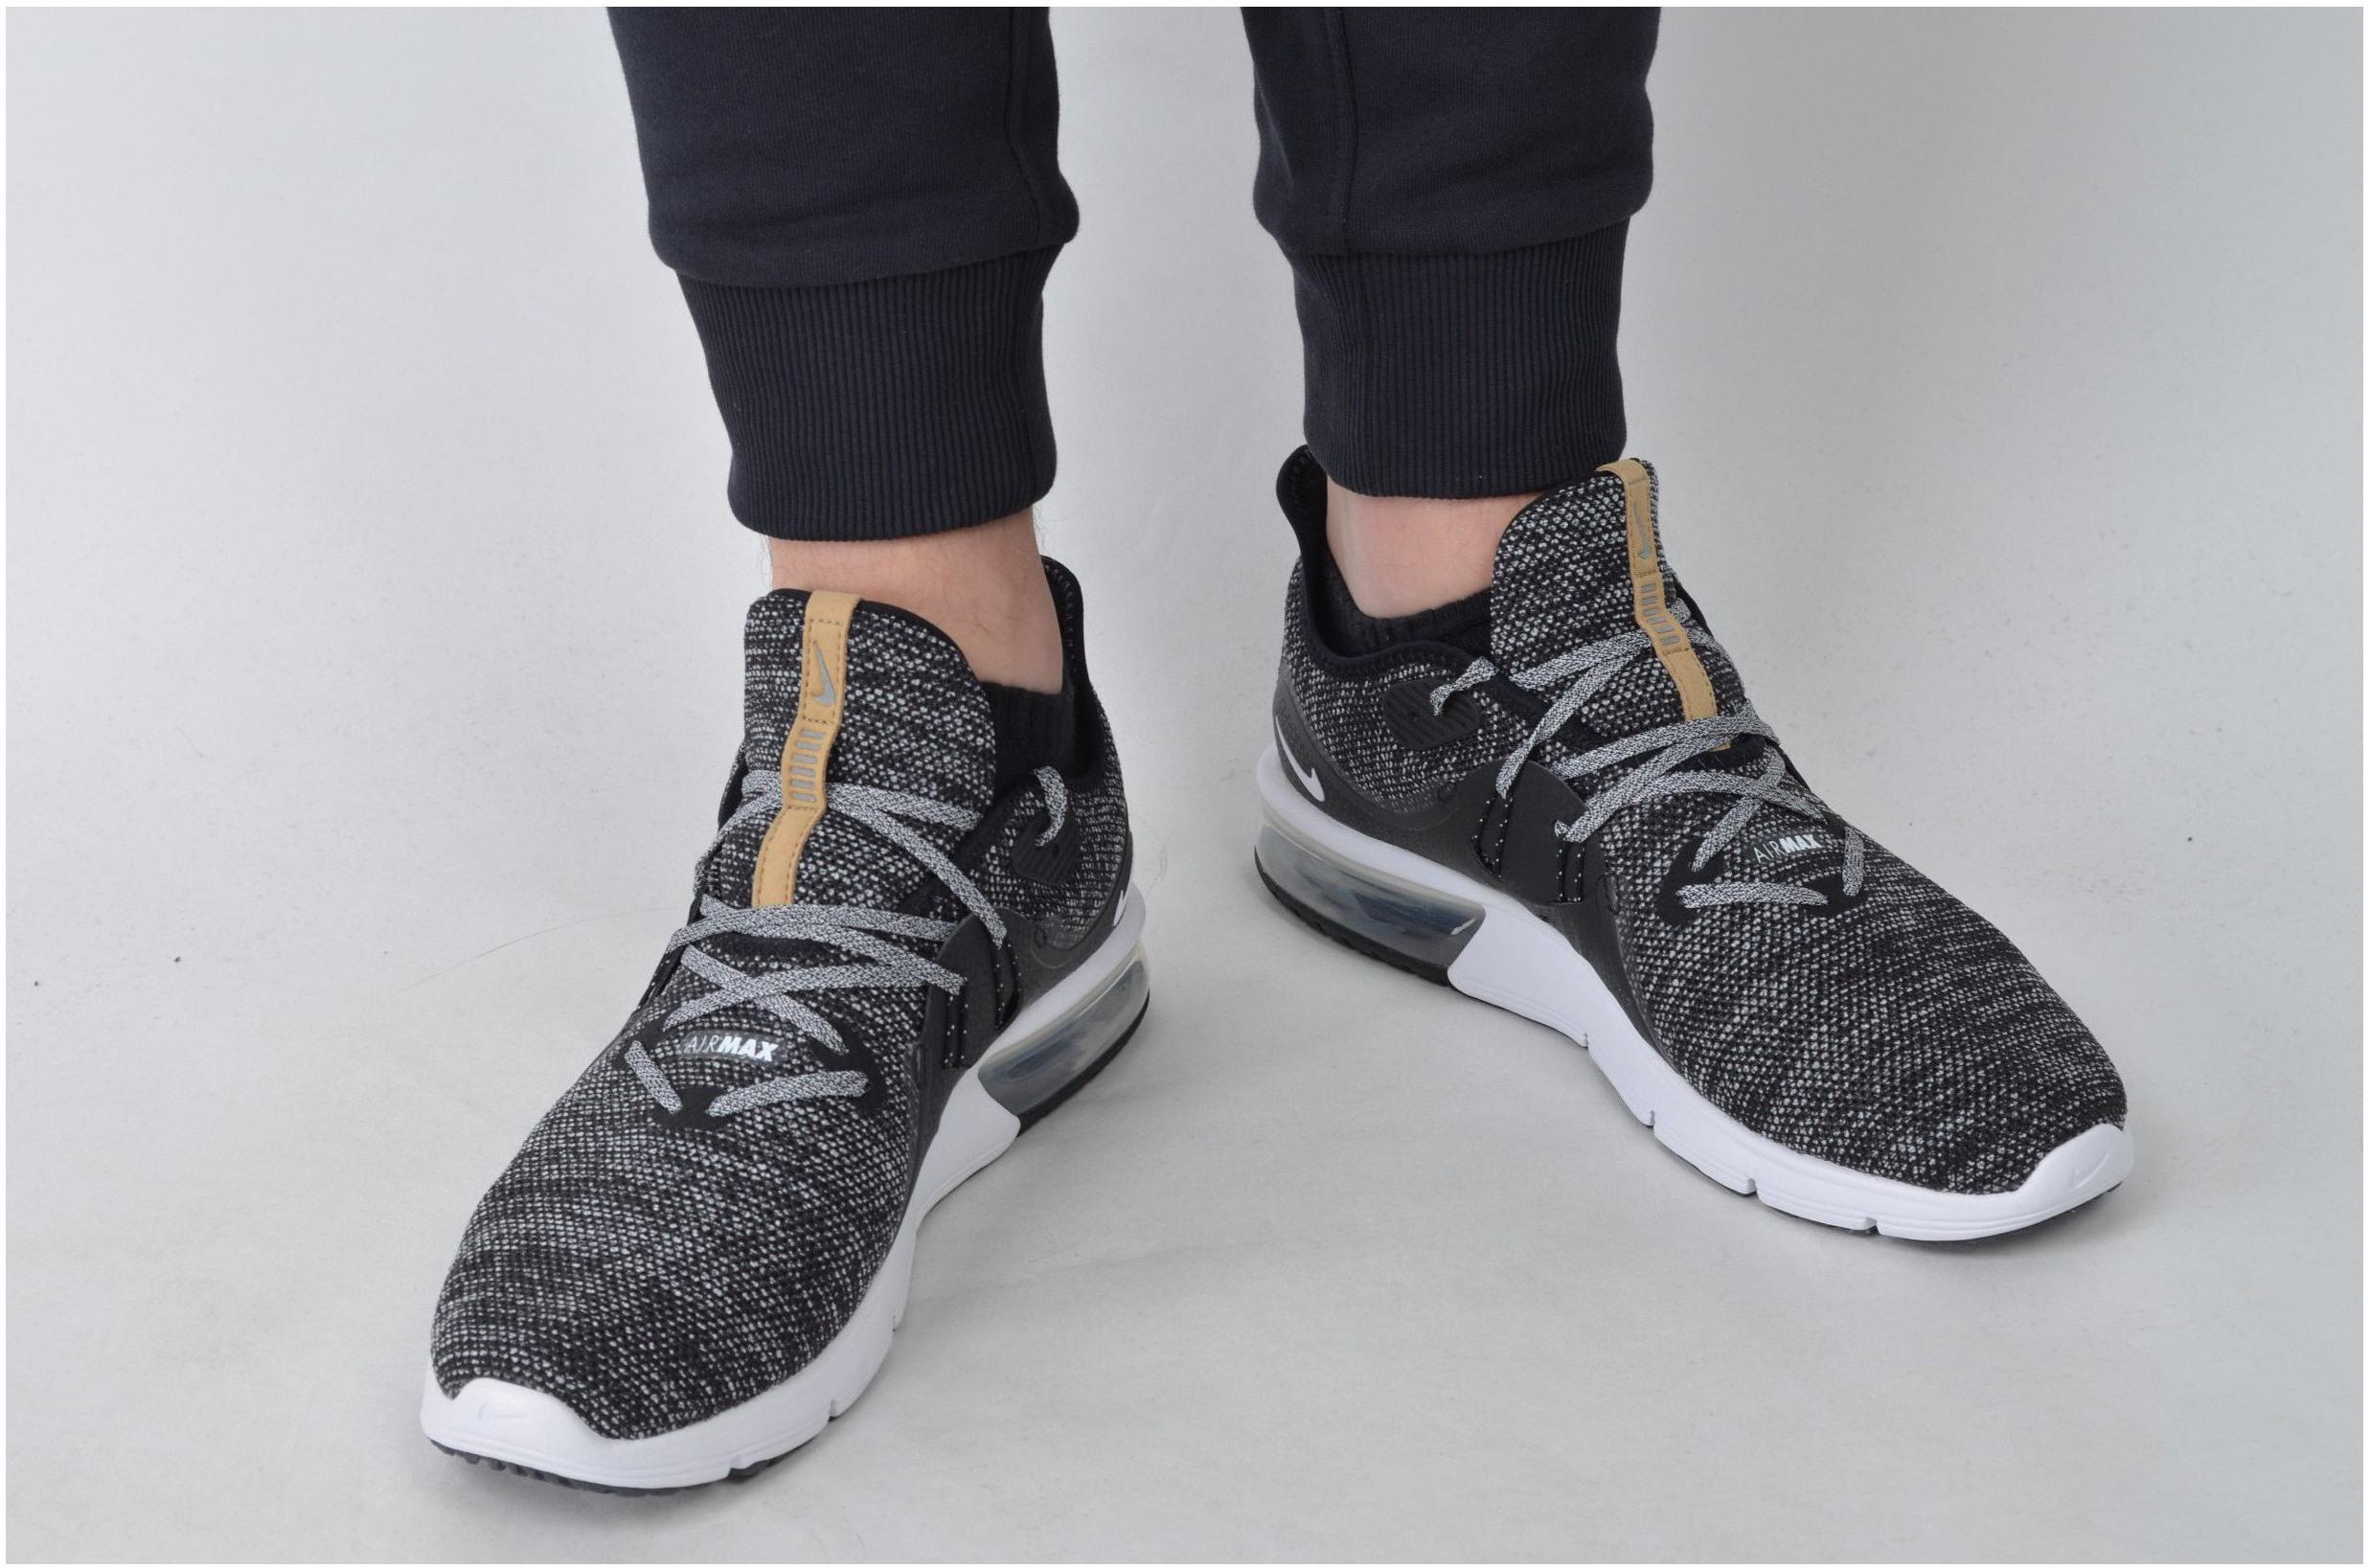 Pánské běžecké boty Nike AIR MAX SEQUENT 3 černé. Sleva. Kód výrobce    921694-011 0825074d2f